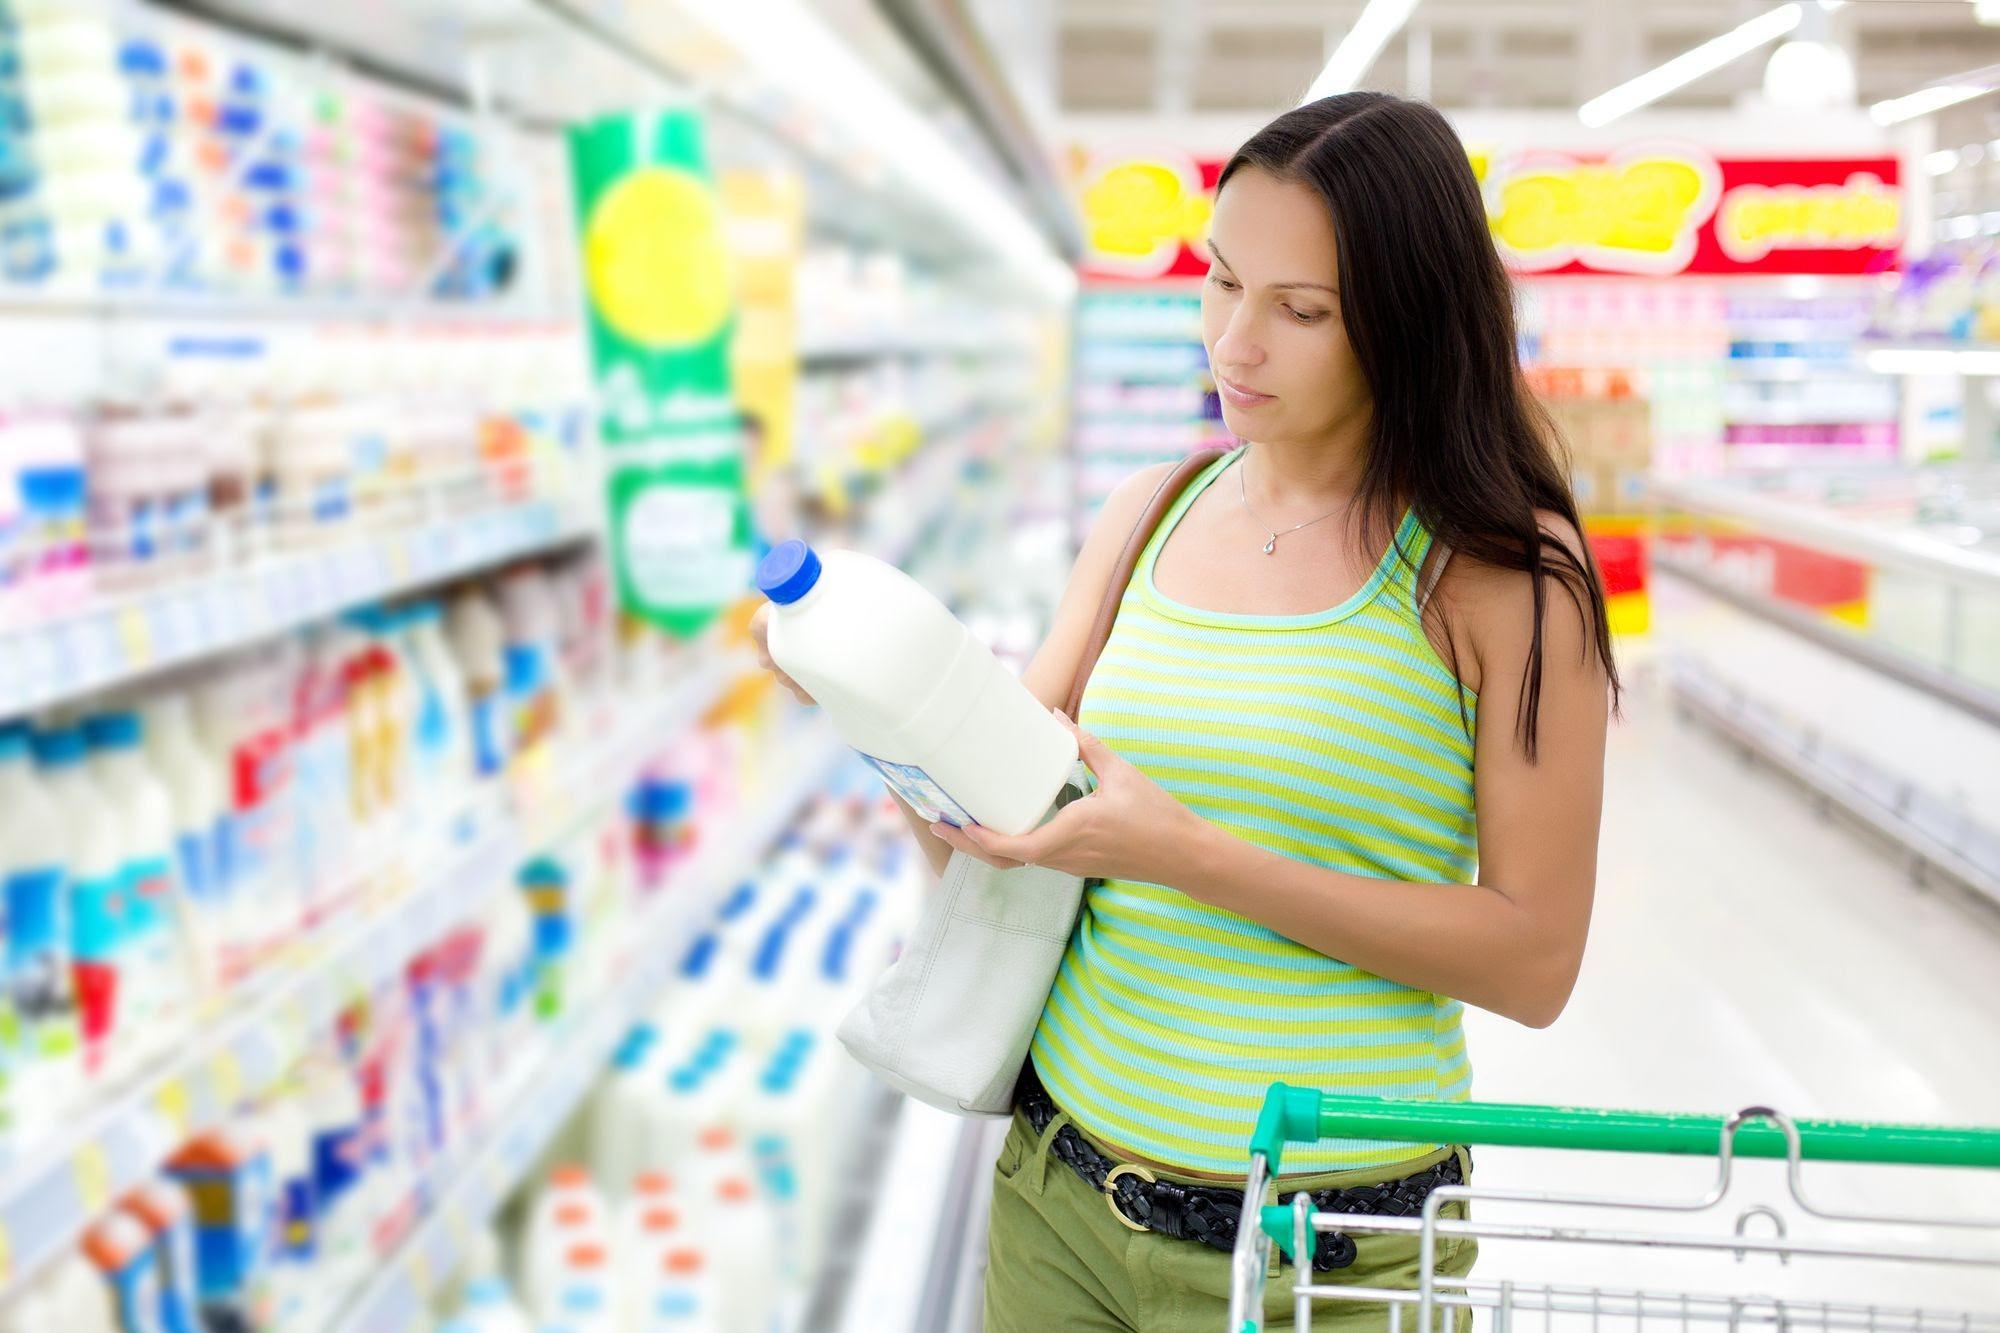 женщина в магазине покупает пастеризованное молоко